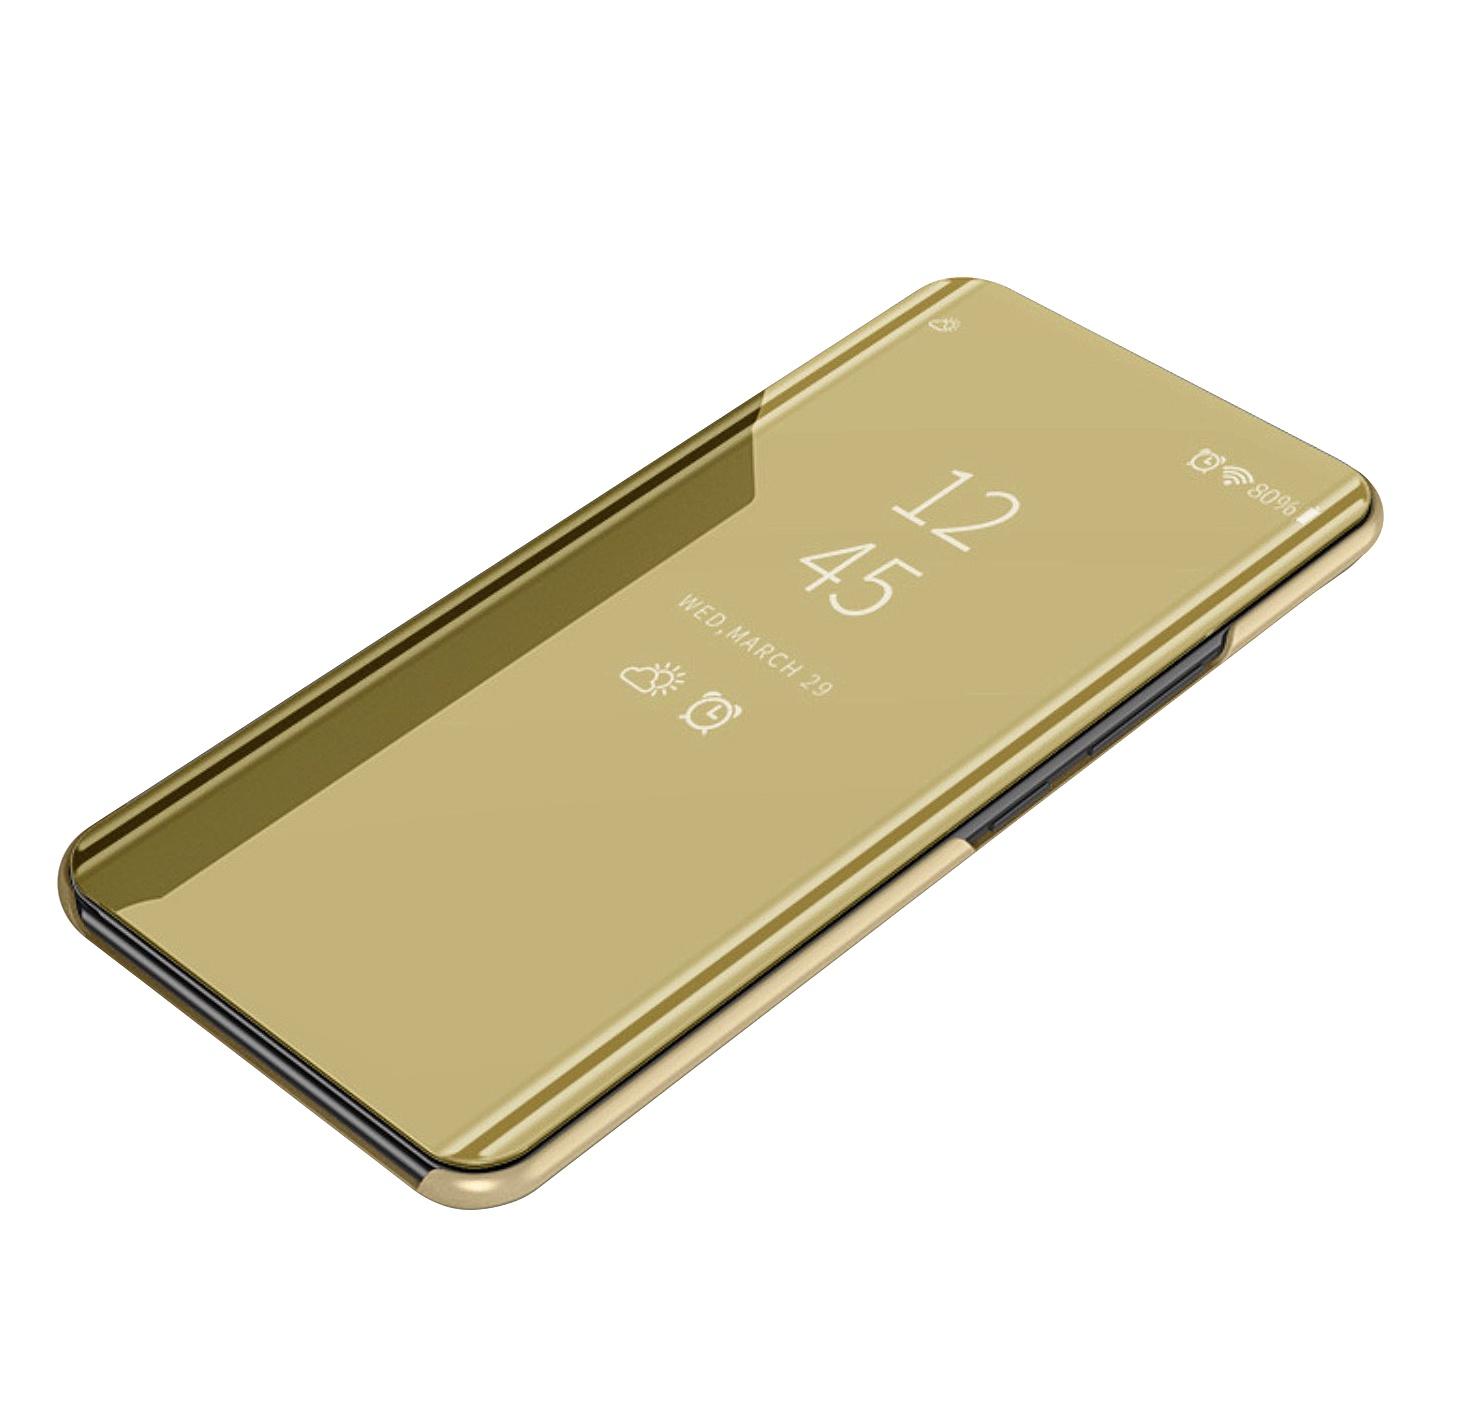 Чехол-книжка MyPads для OPPO A1k / realme C2 2/16GB умный активный с функцией включения и блокировки экрана полупрозрачный с зеркальной поверхностью золотой